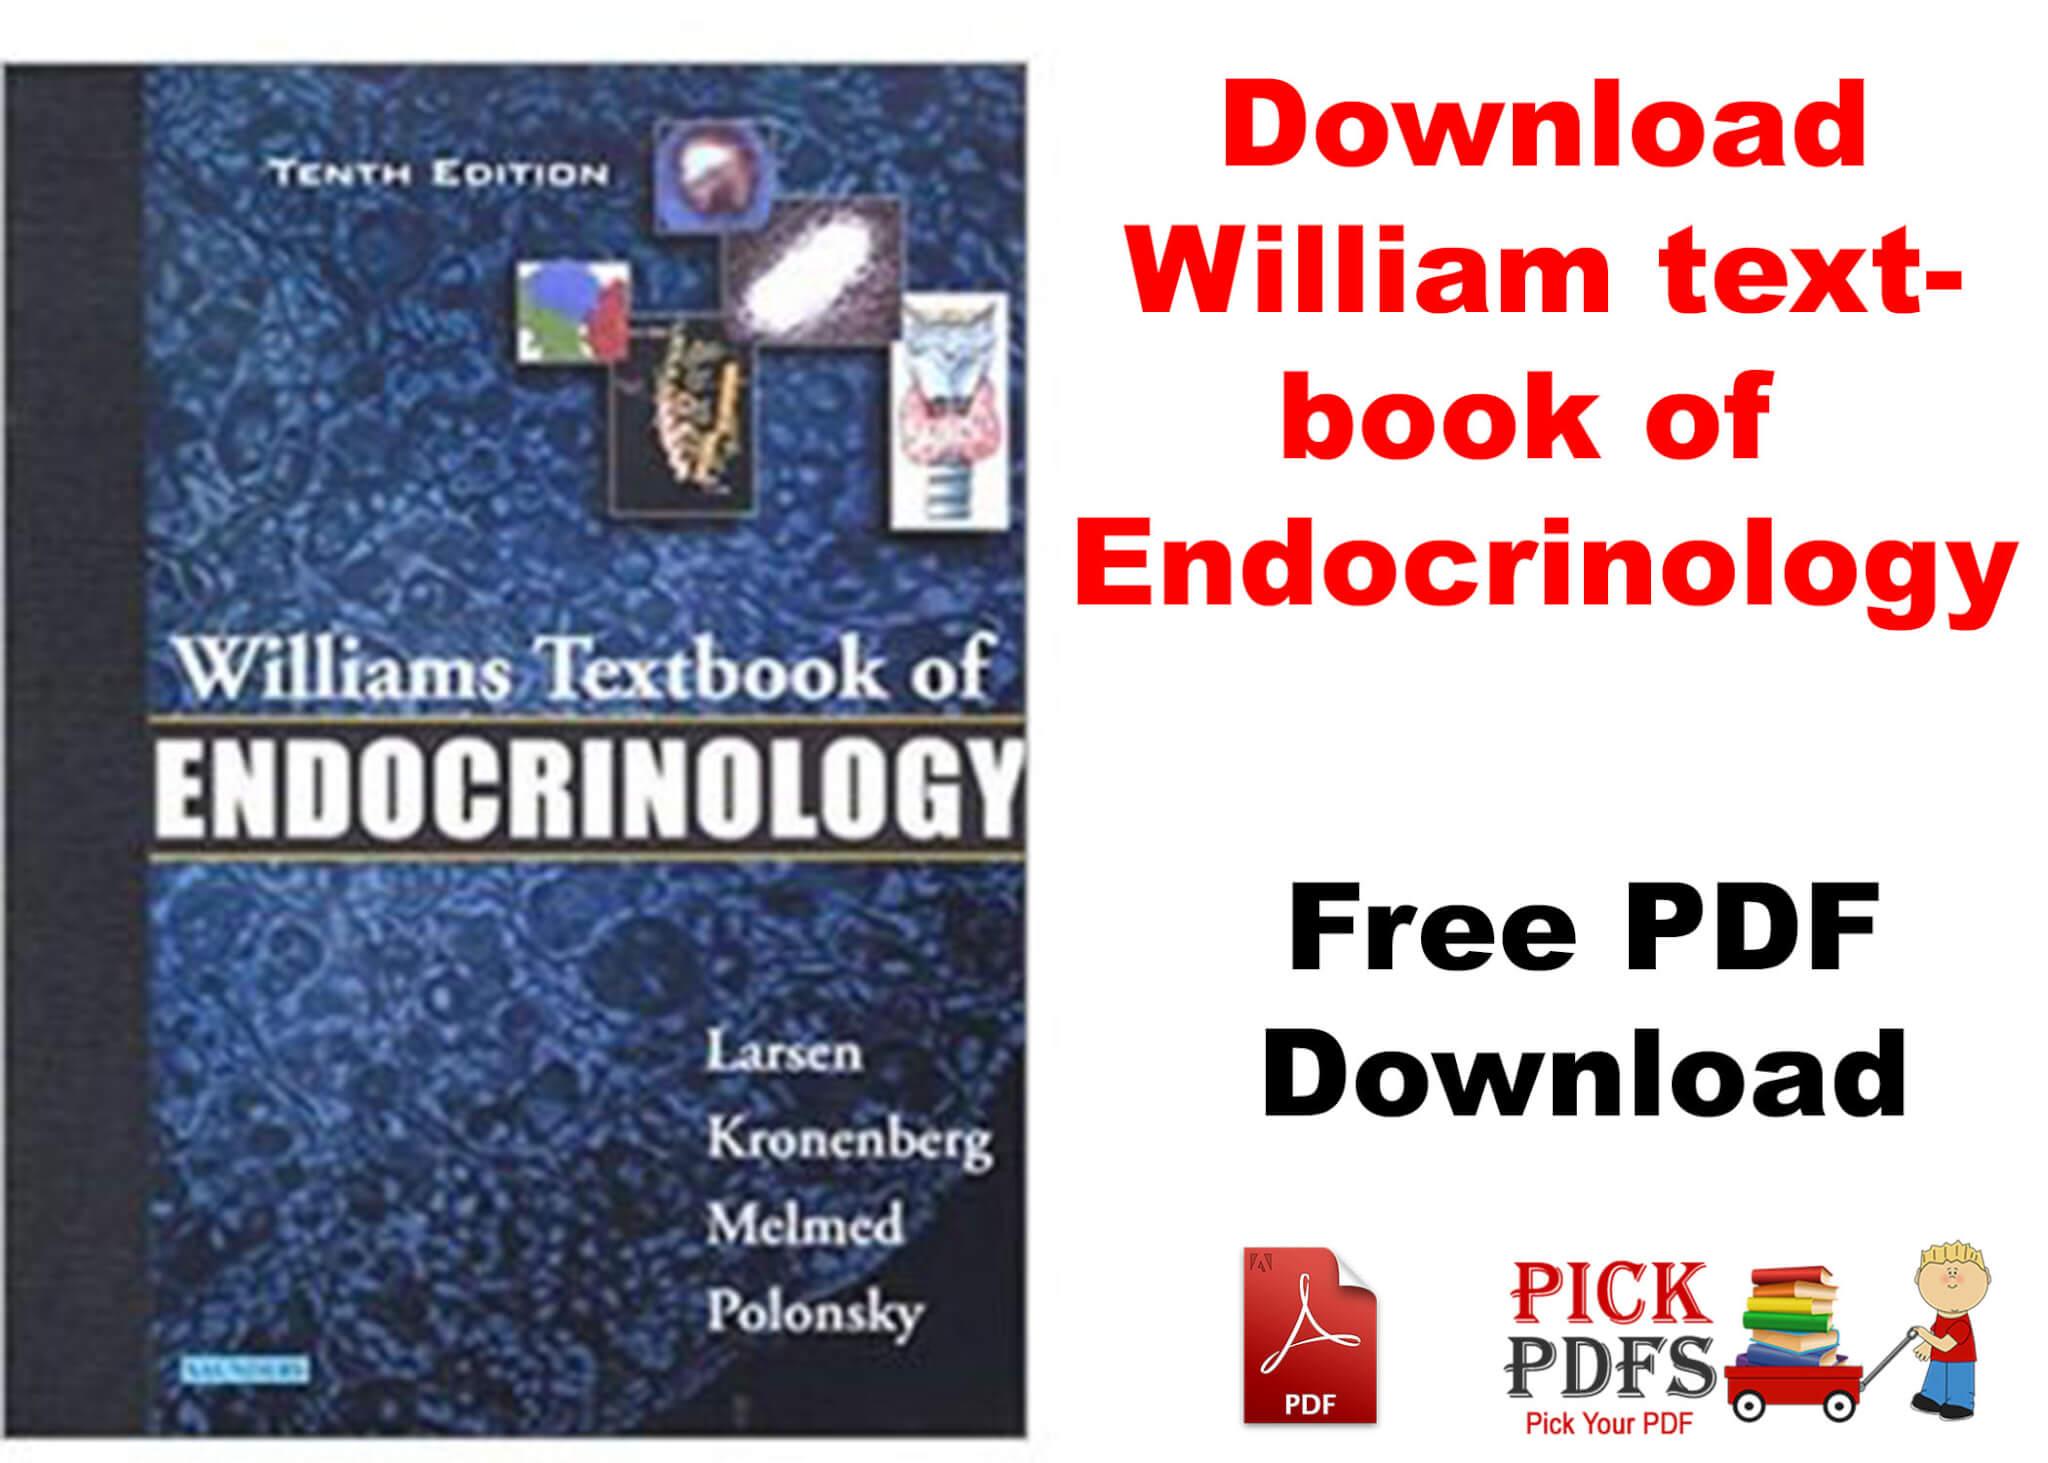 Endocrinology free pdf download